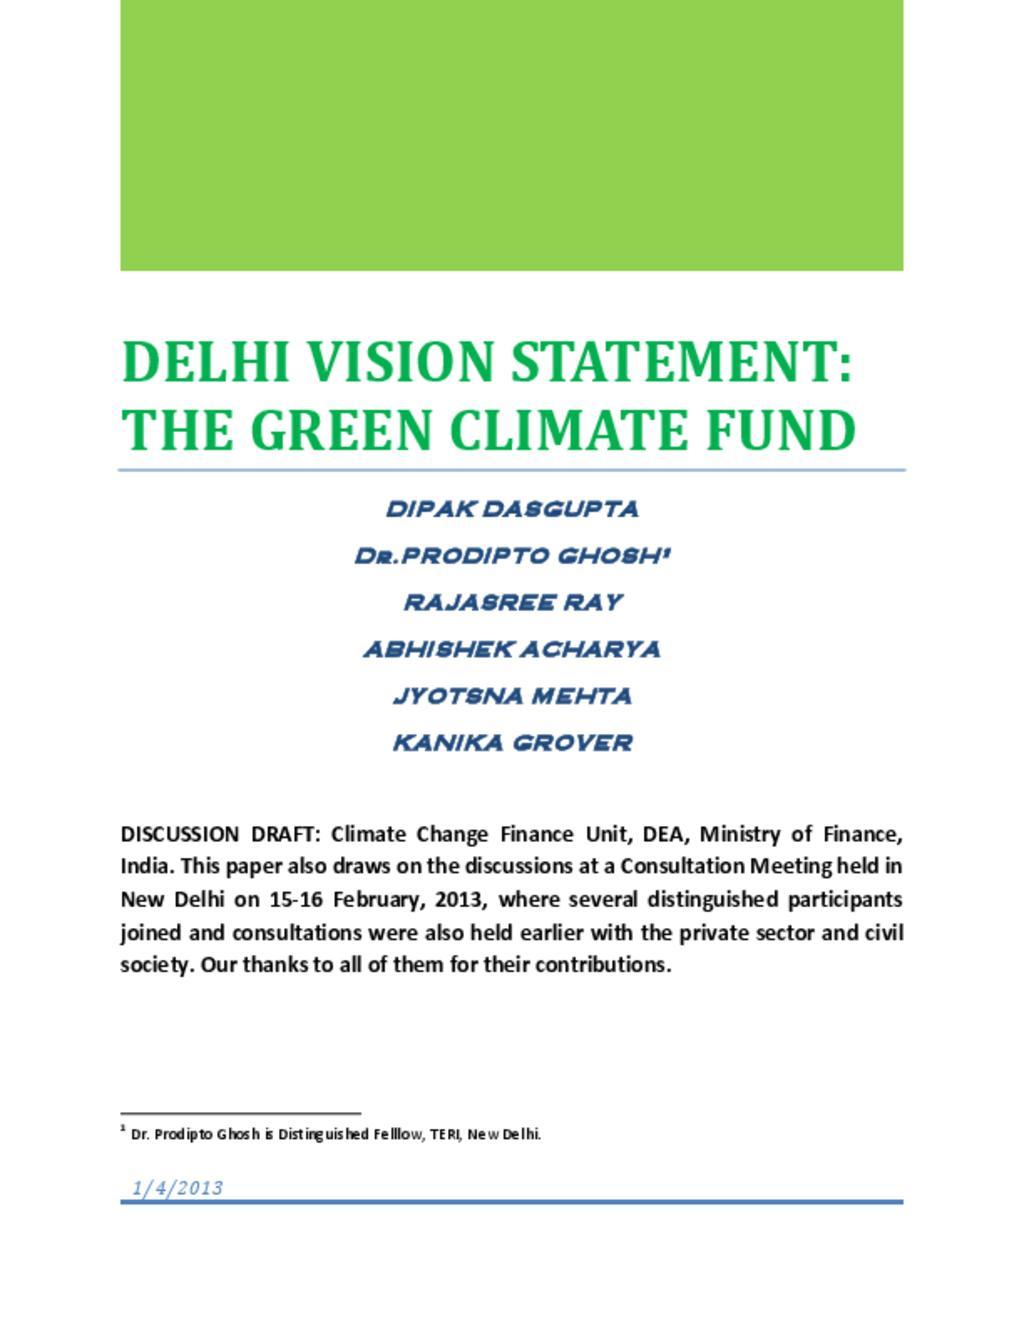 Delhi GCF financing